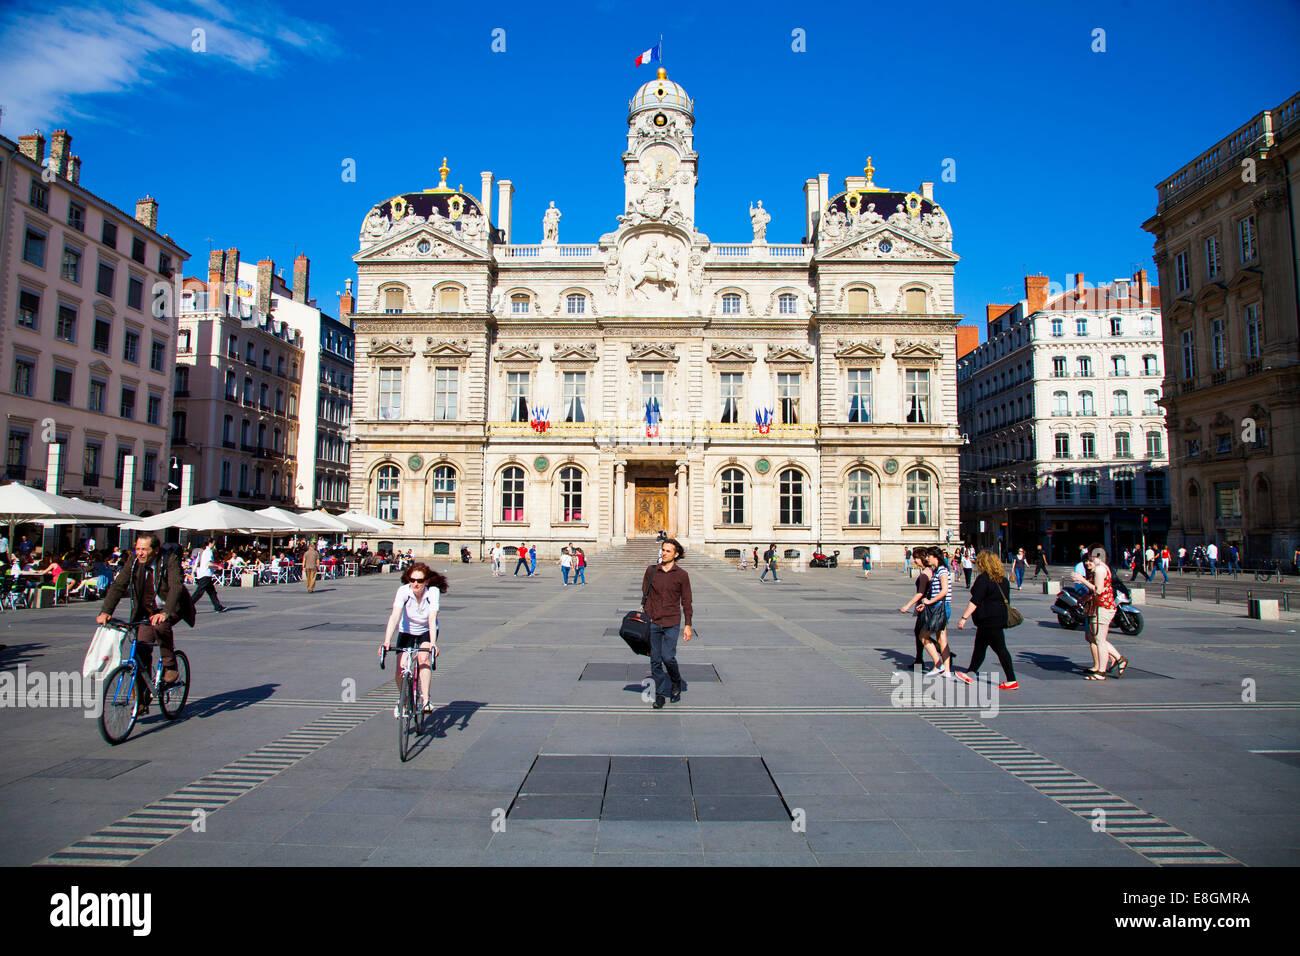 Place des Terreaux square, Lyon, Rhône-Alpes, France - Stock Image